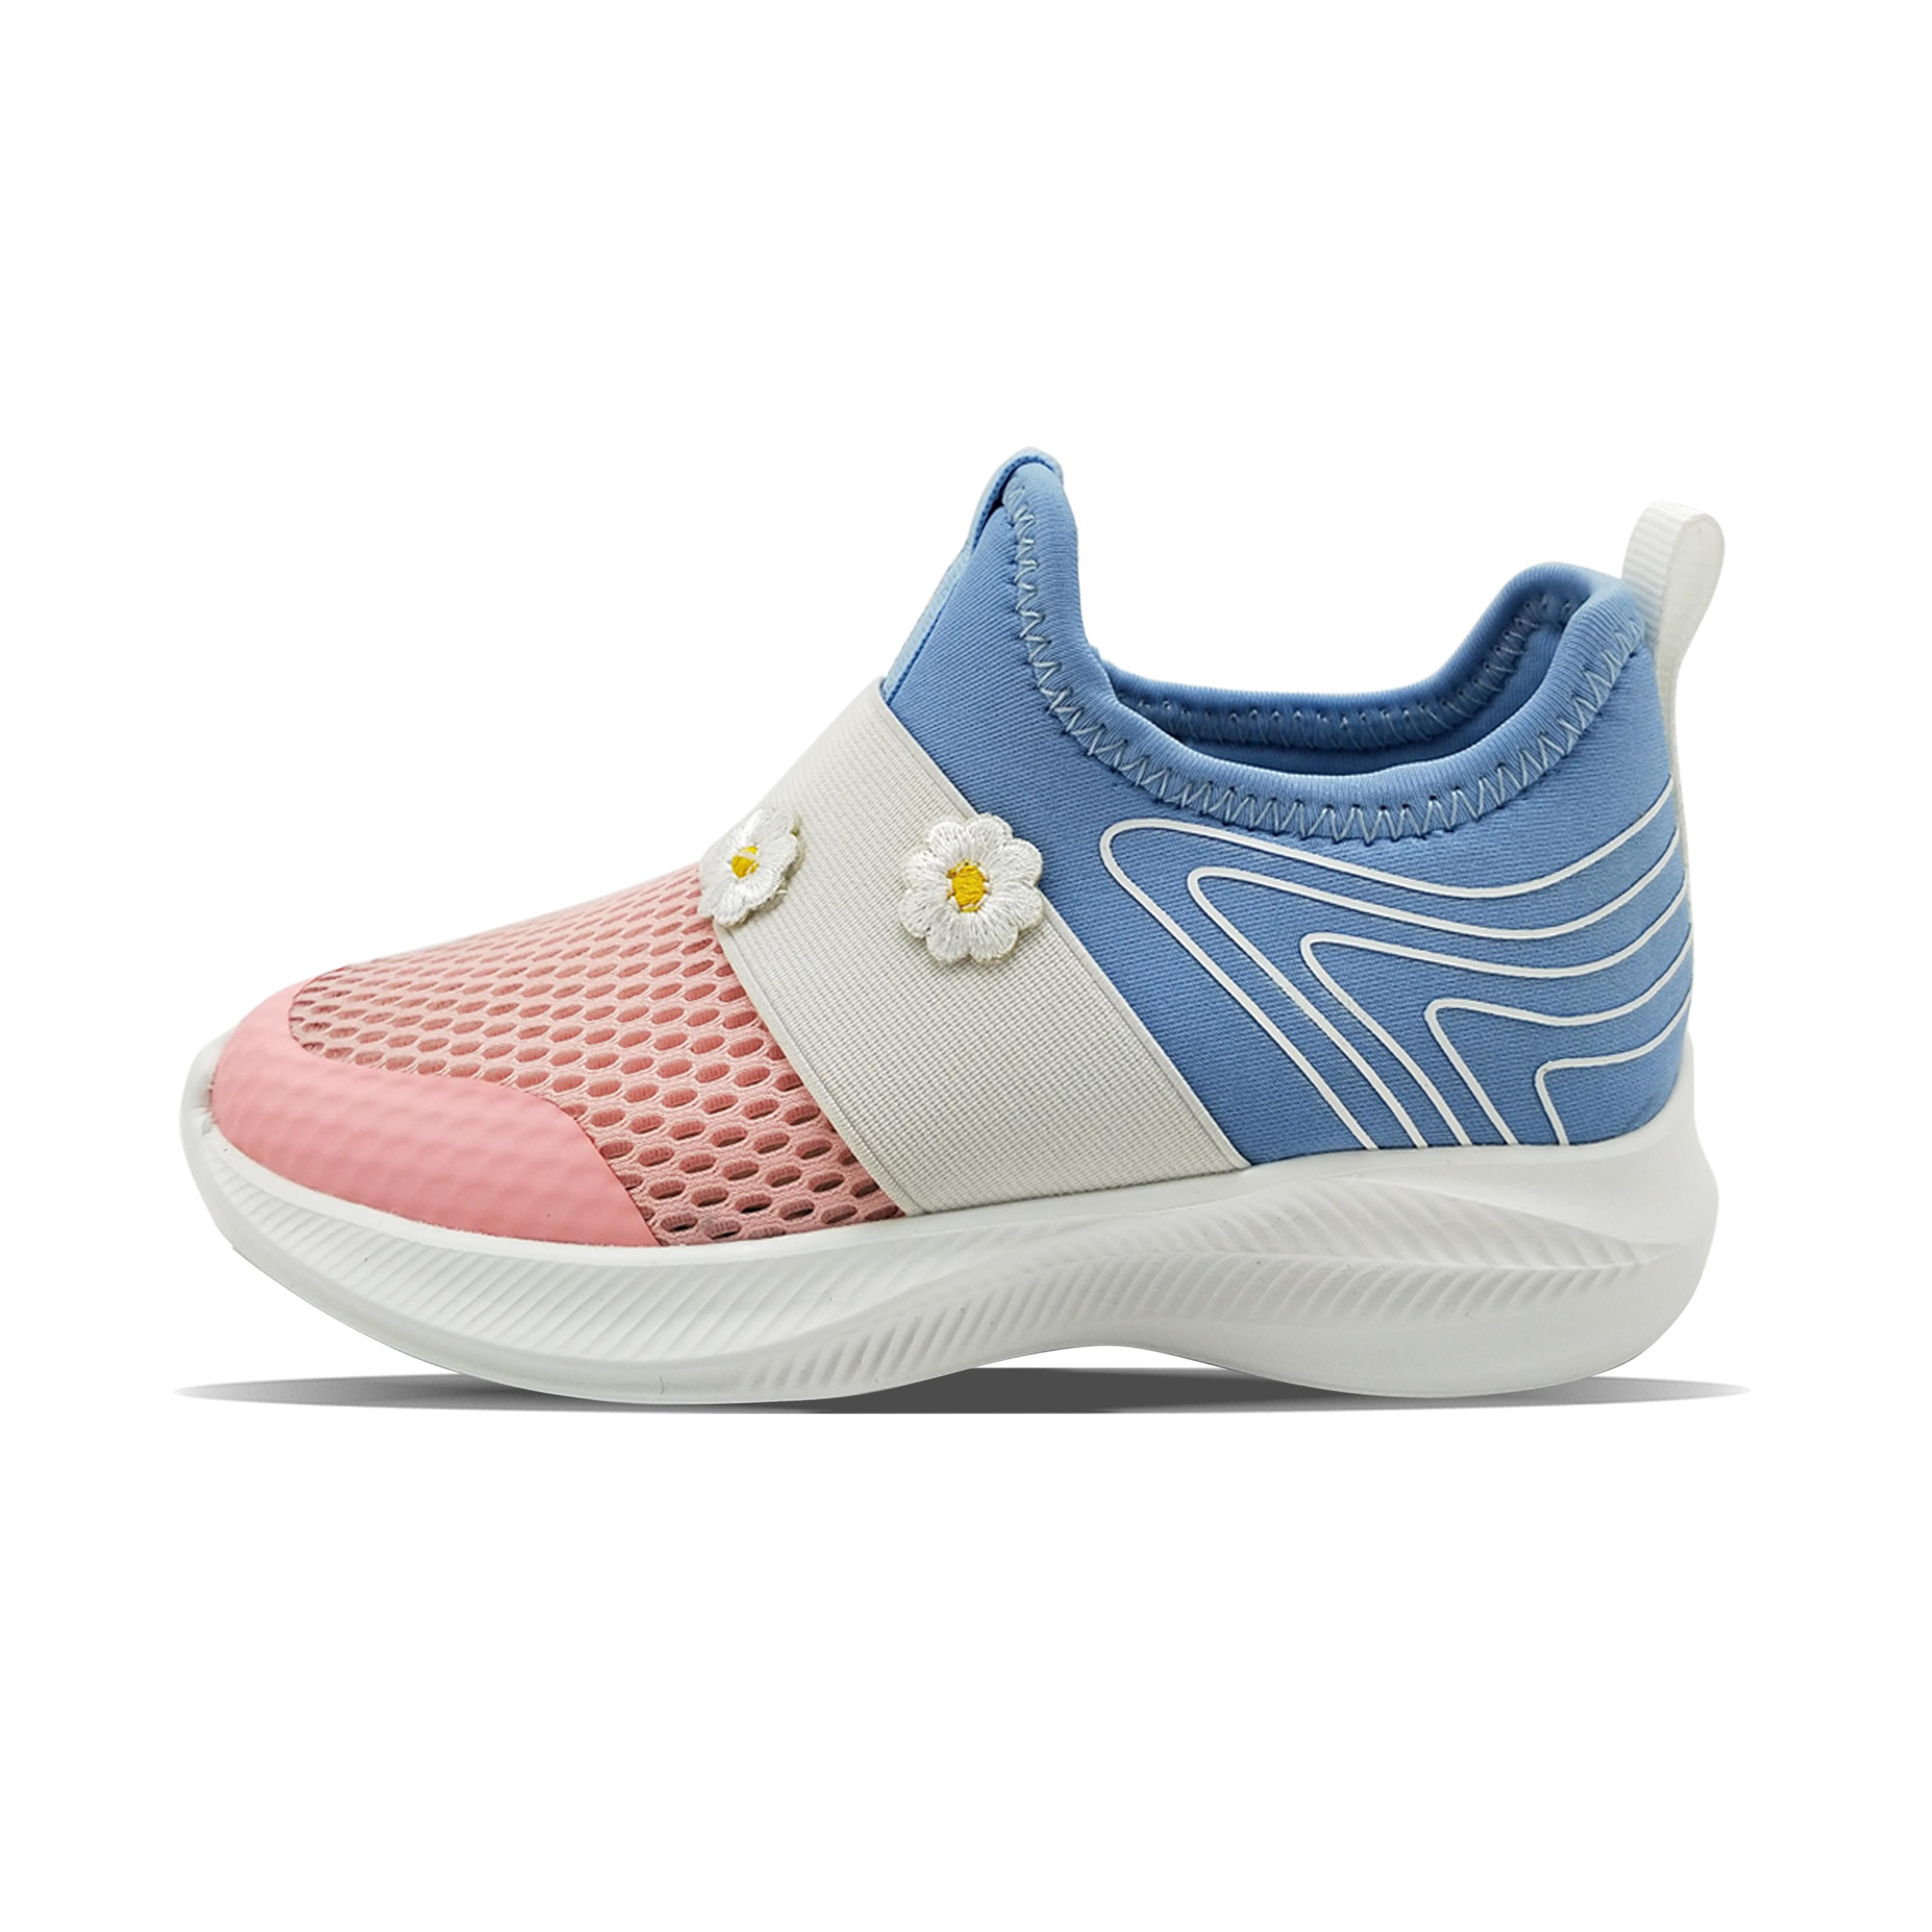 Ragazza color Macaron's margherita breathable estate fashion casual scarpe